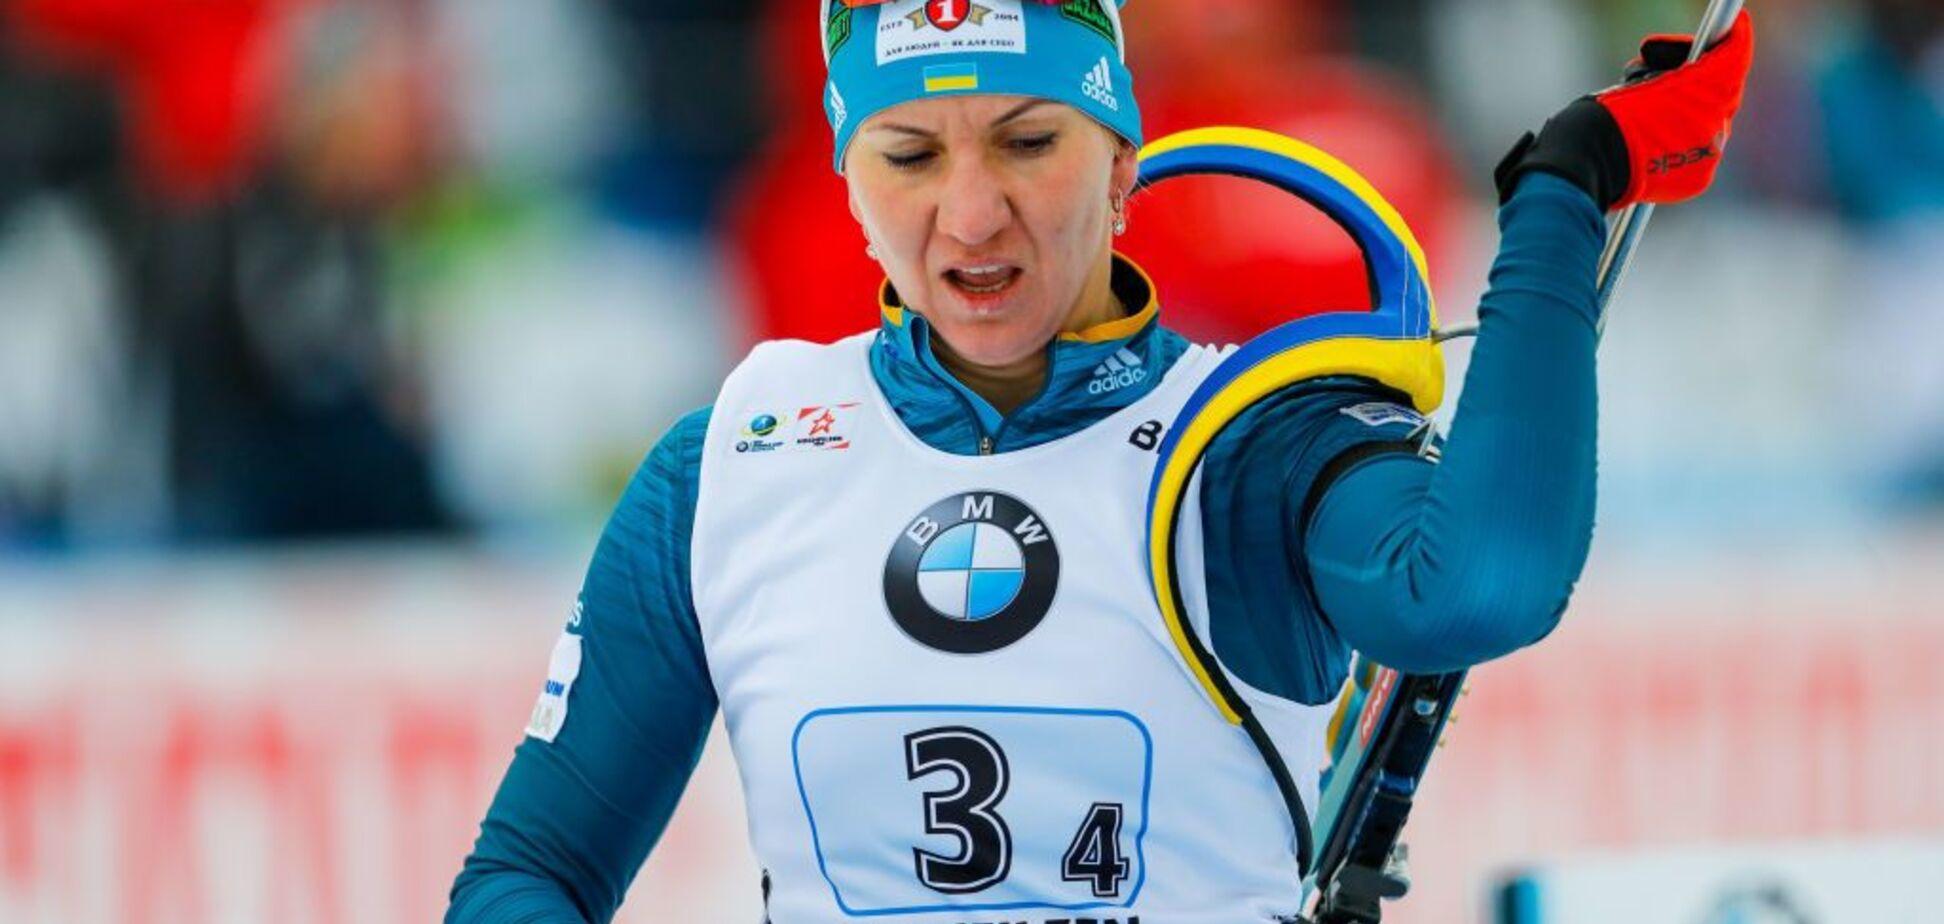 Кошмар Пидгрушной: все подробности женского спринта 5-го этапа Кубка мира по биатлону